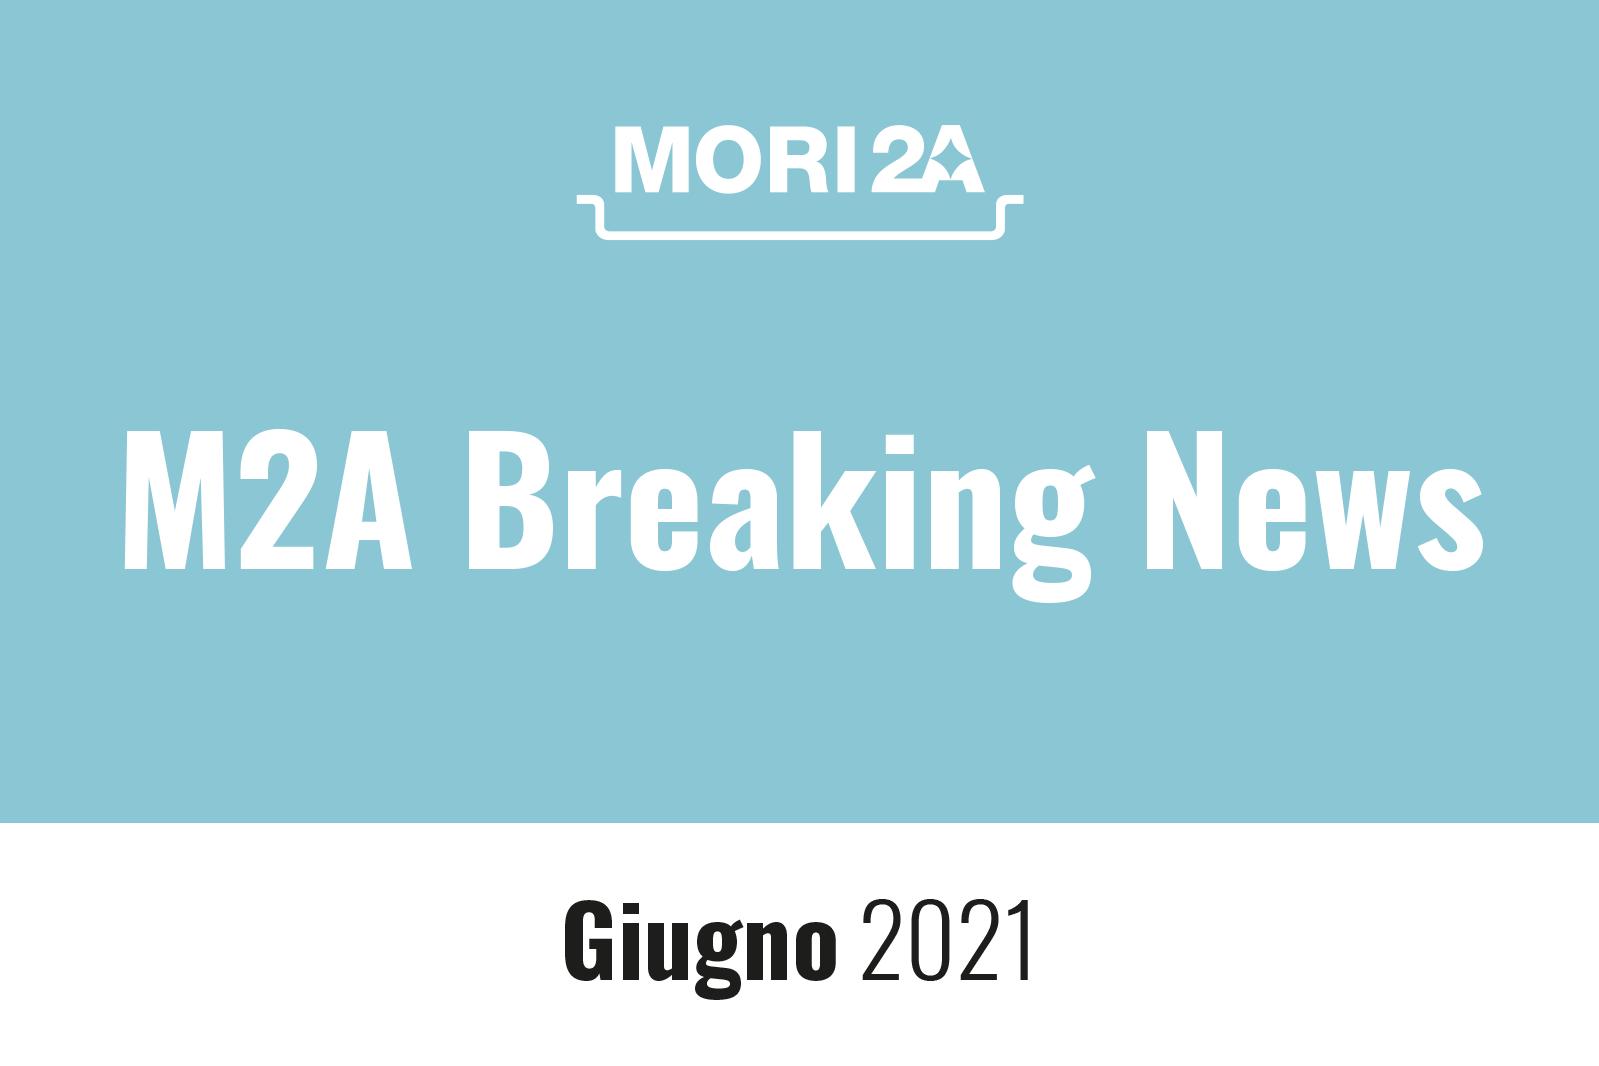 M2A Breaking News Giugno 2021